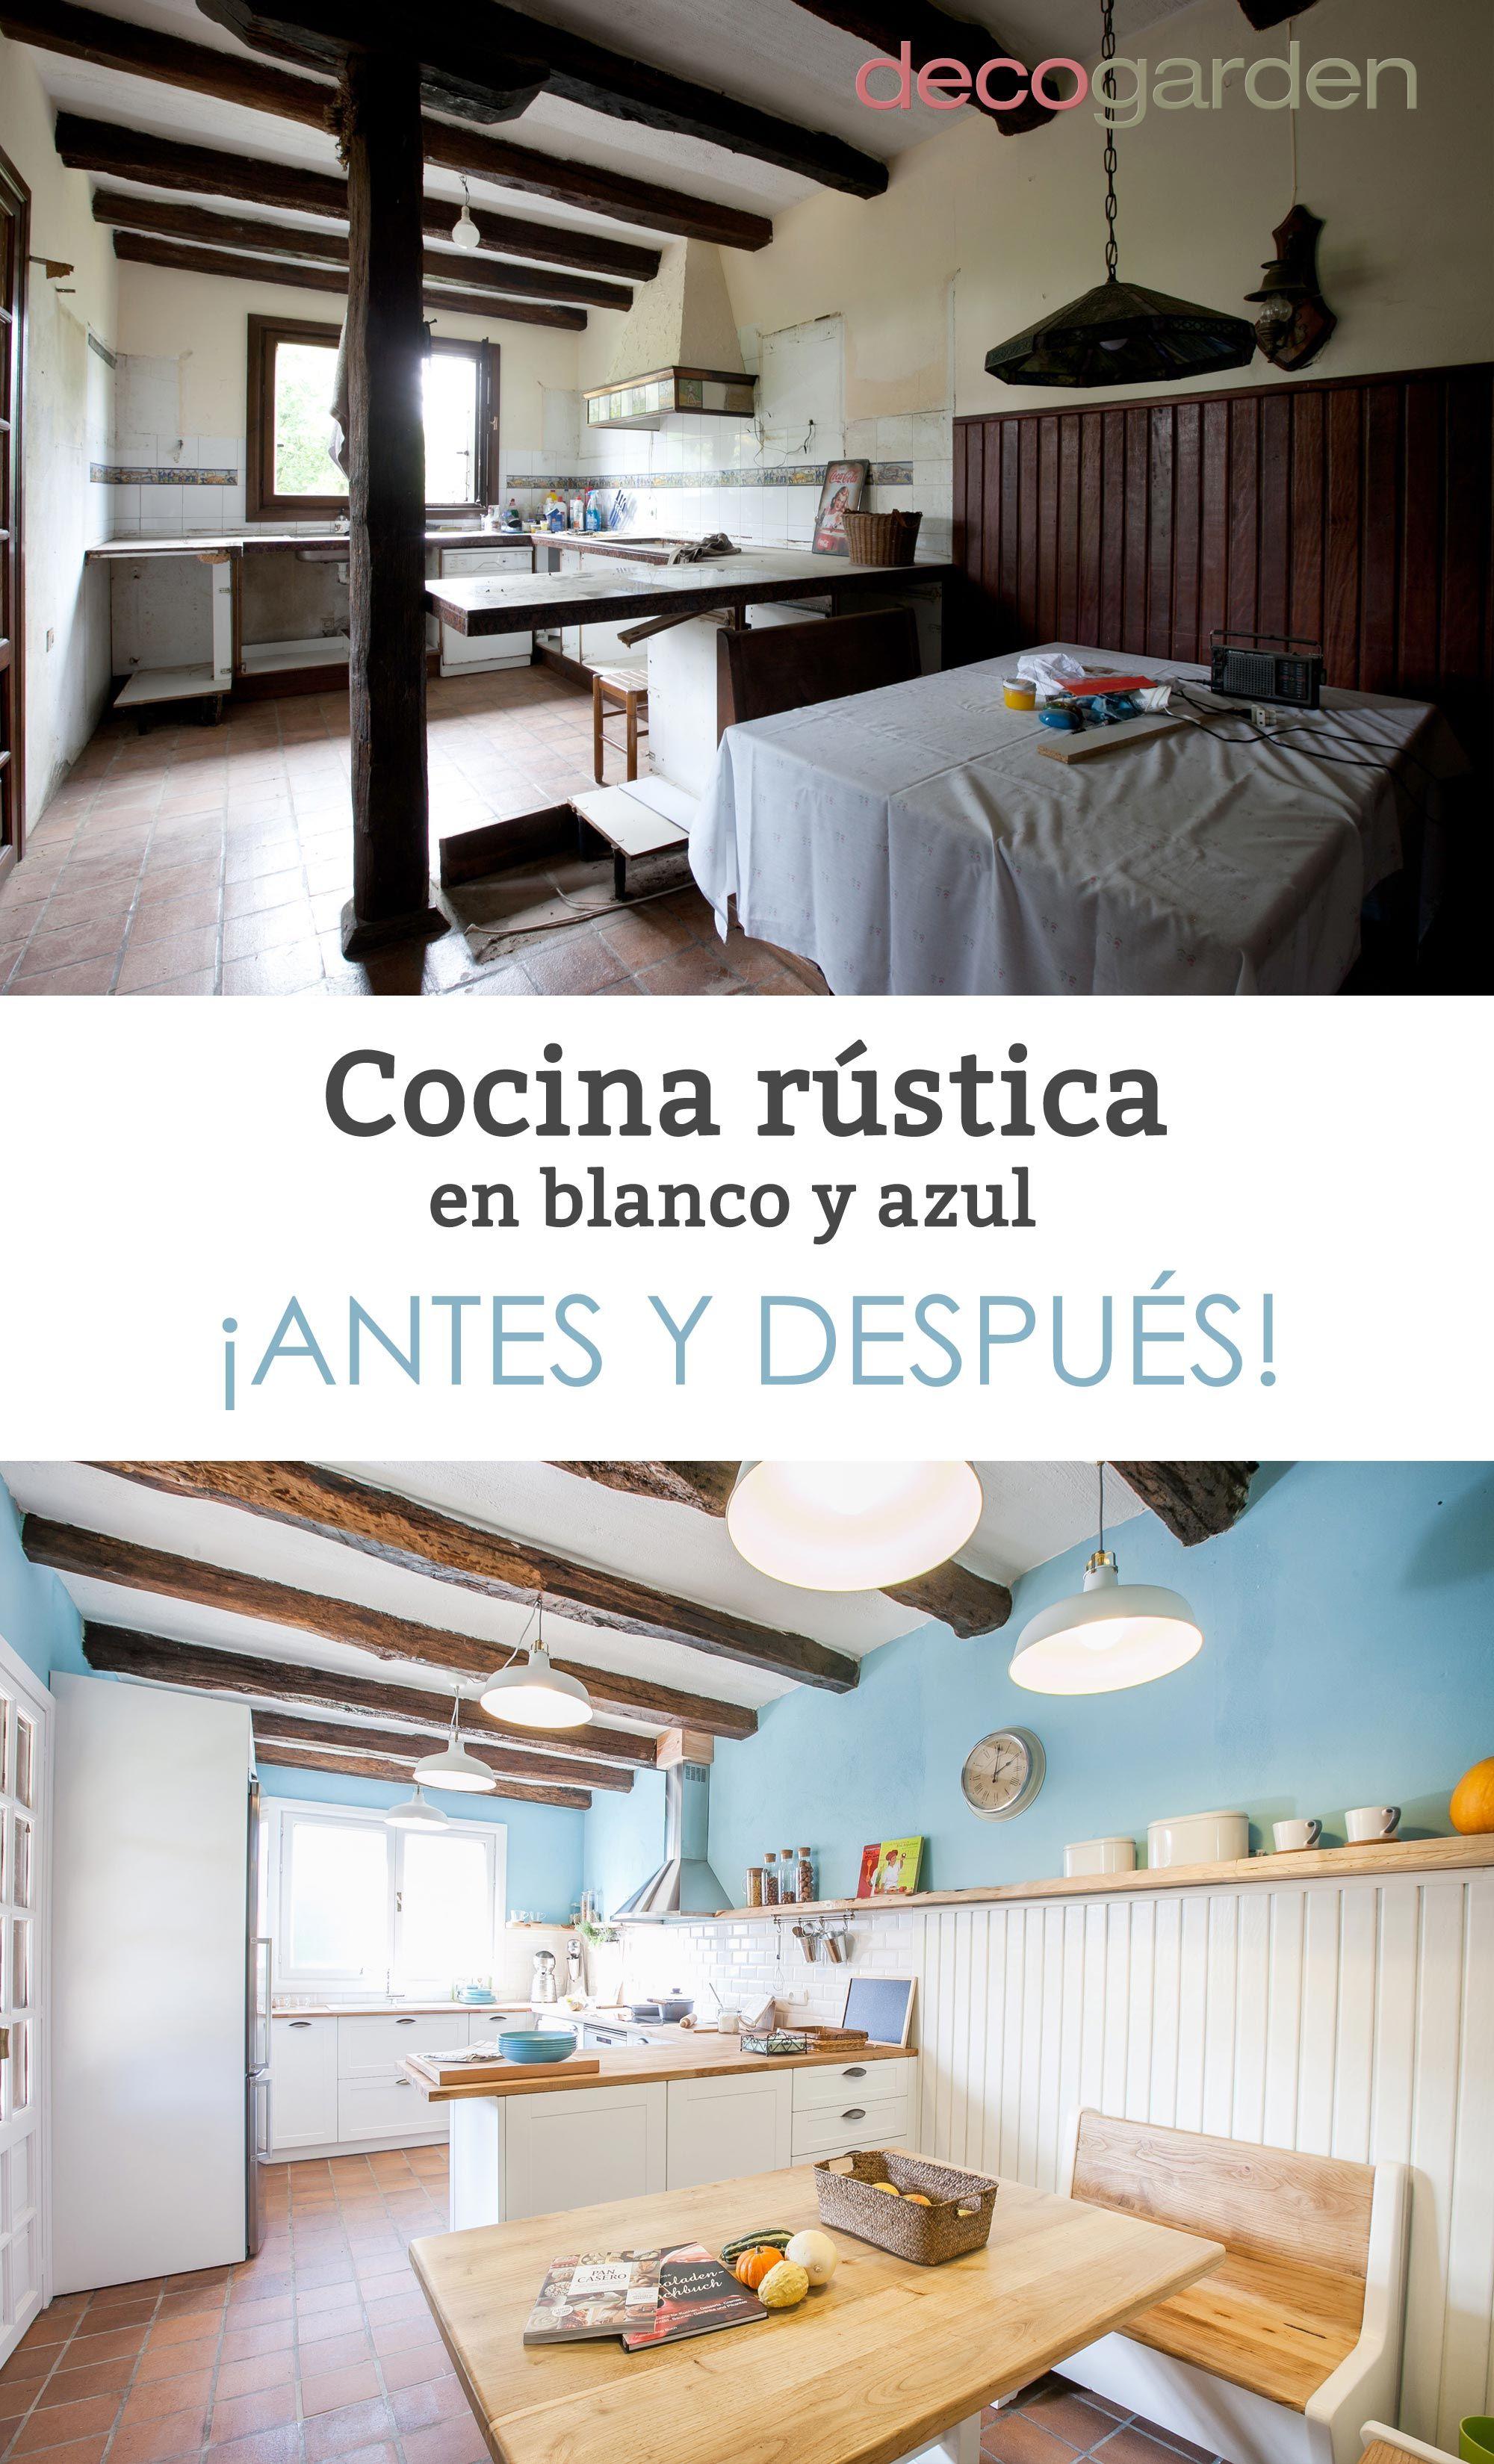 Cocina rústica en blanco y azul   Cocinas rústicas, Rusticas y Rústico